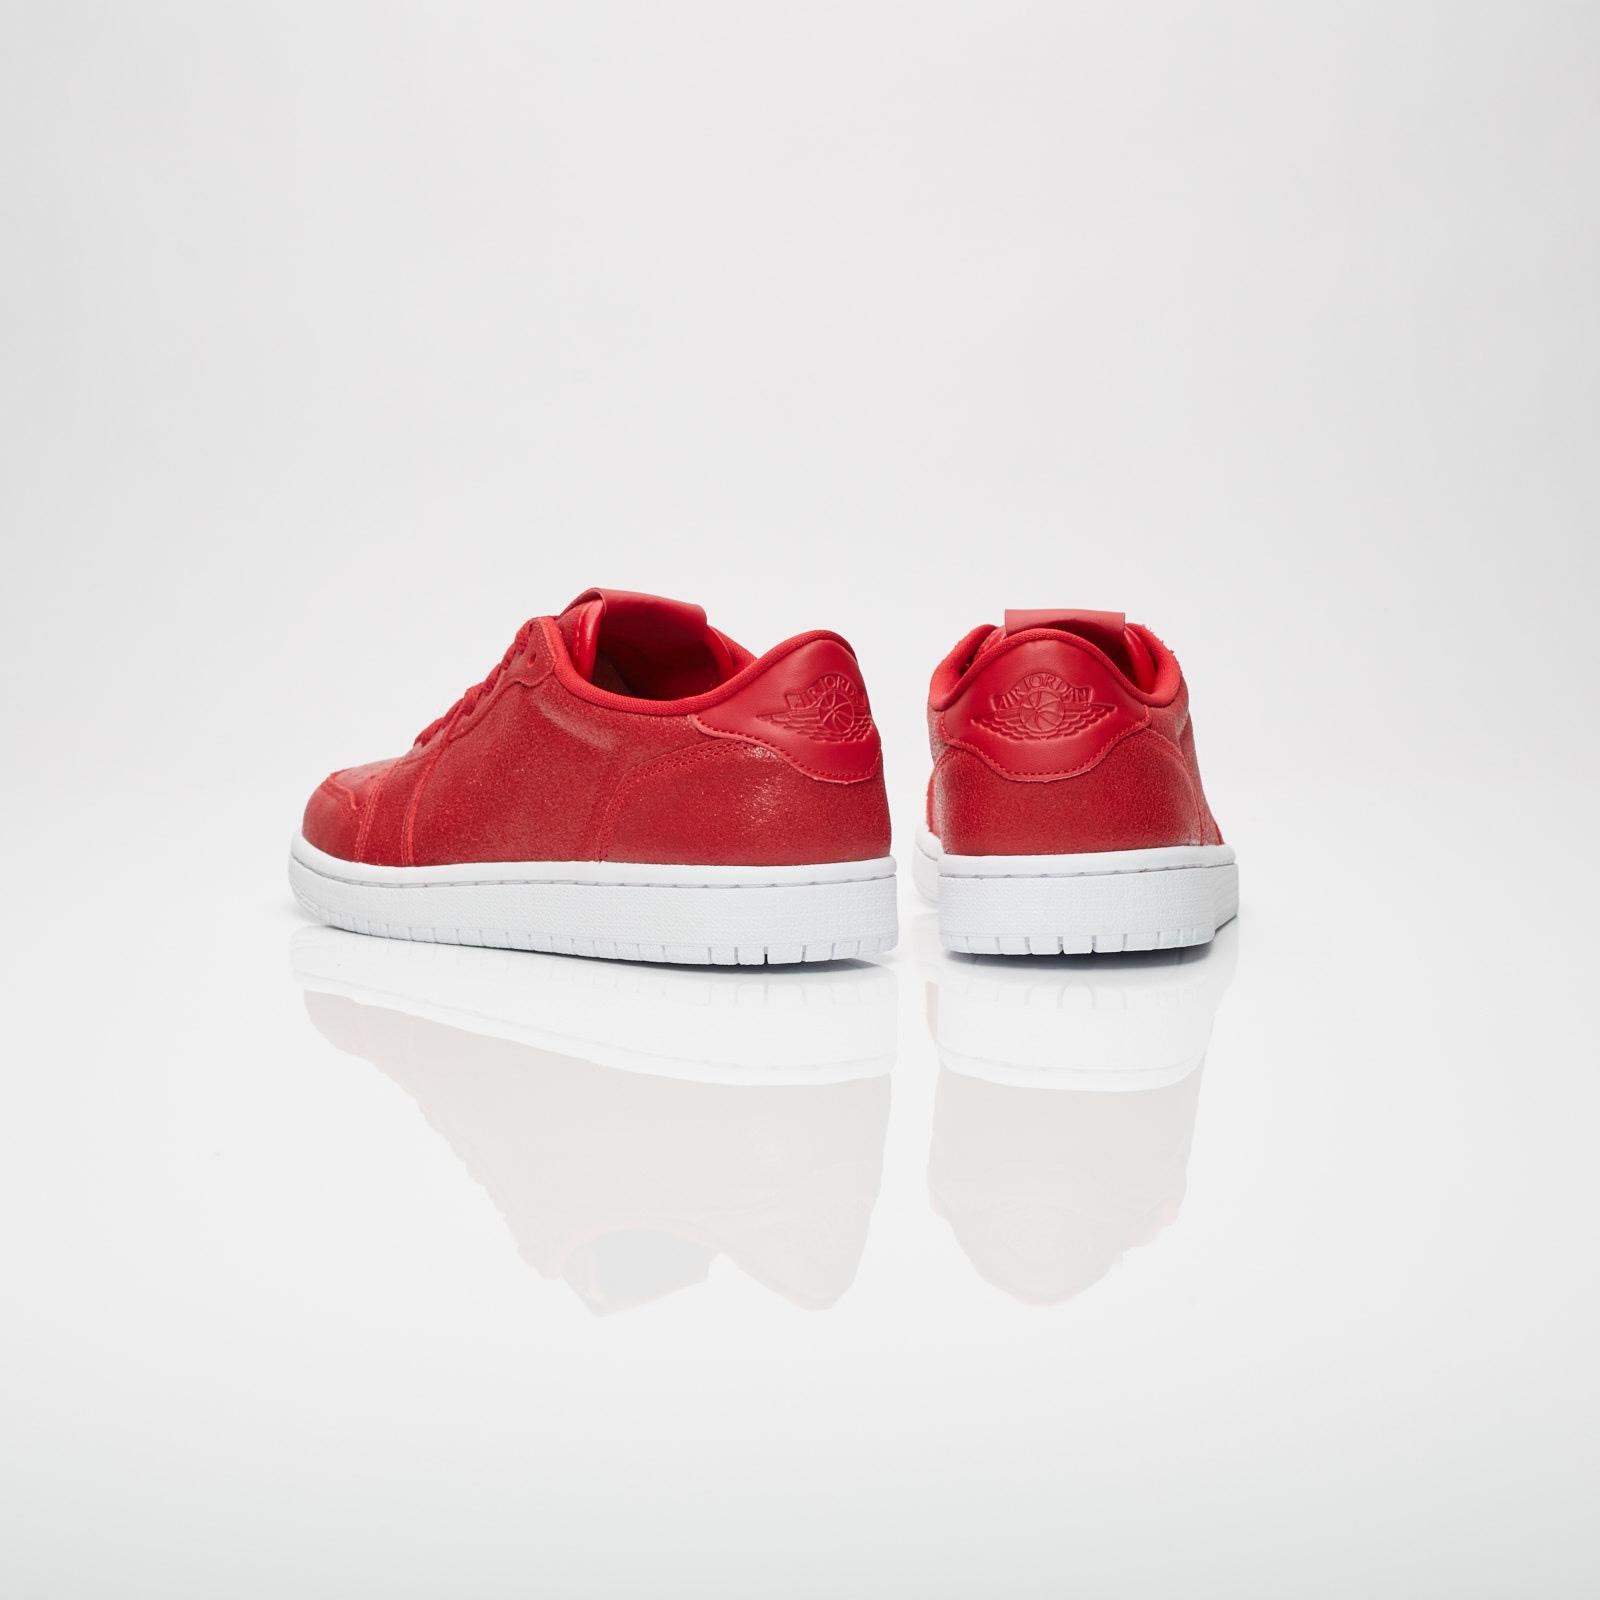 bb318bef005 Jordan Brand Wmns Air Jordan 1 Retro Low NS - Ah7232-623 - Sneakersnstuff |  sneakers & streetwear online since 1999